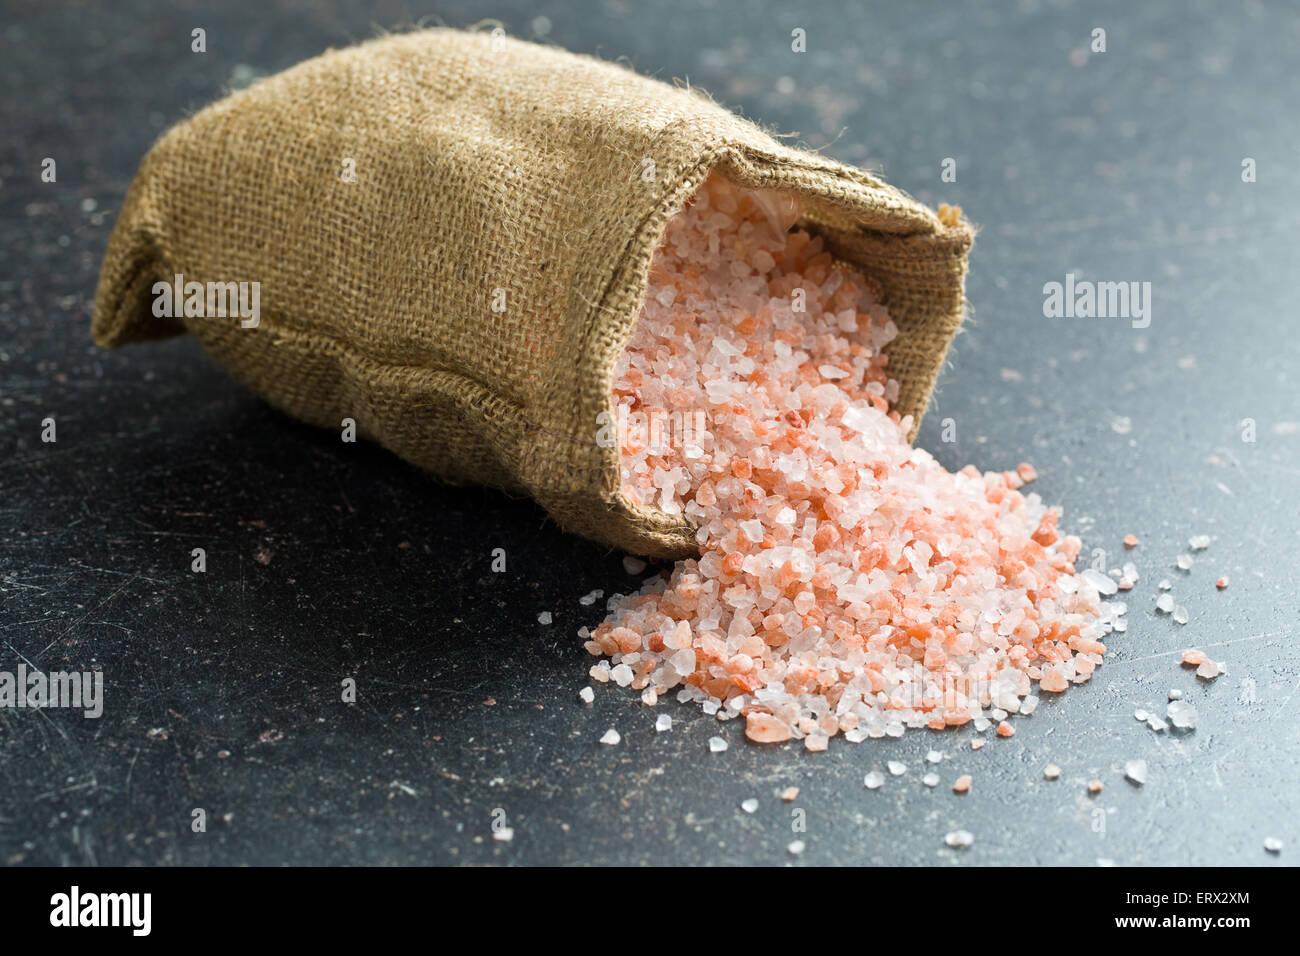 Himalaya-Salz in Jute-Tasche Stockbild